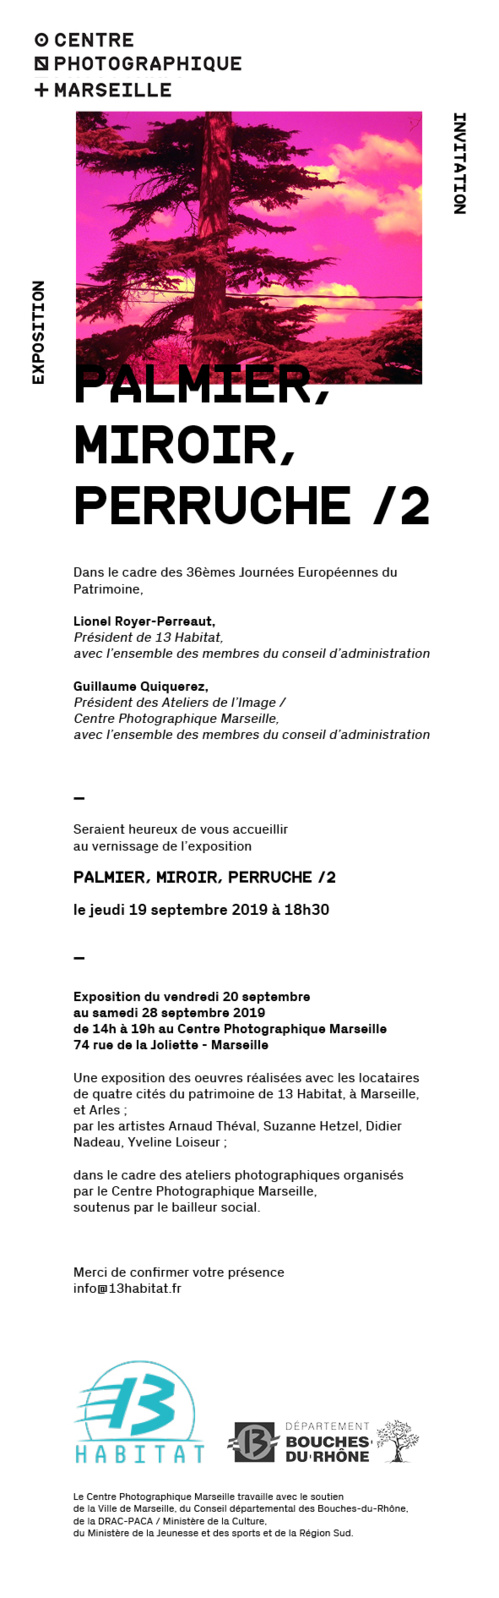 Palmier, Miroir, Perruche /2